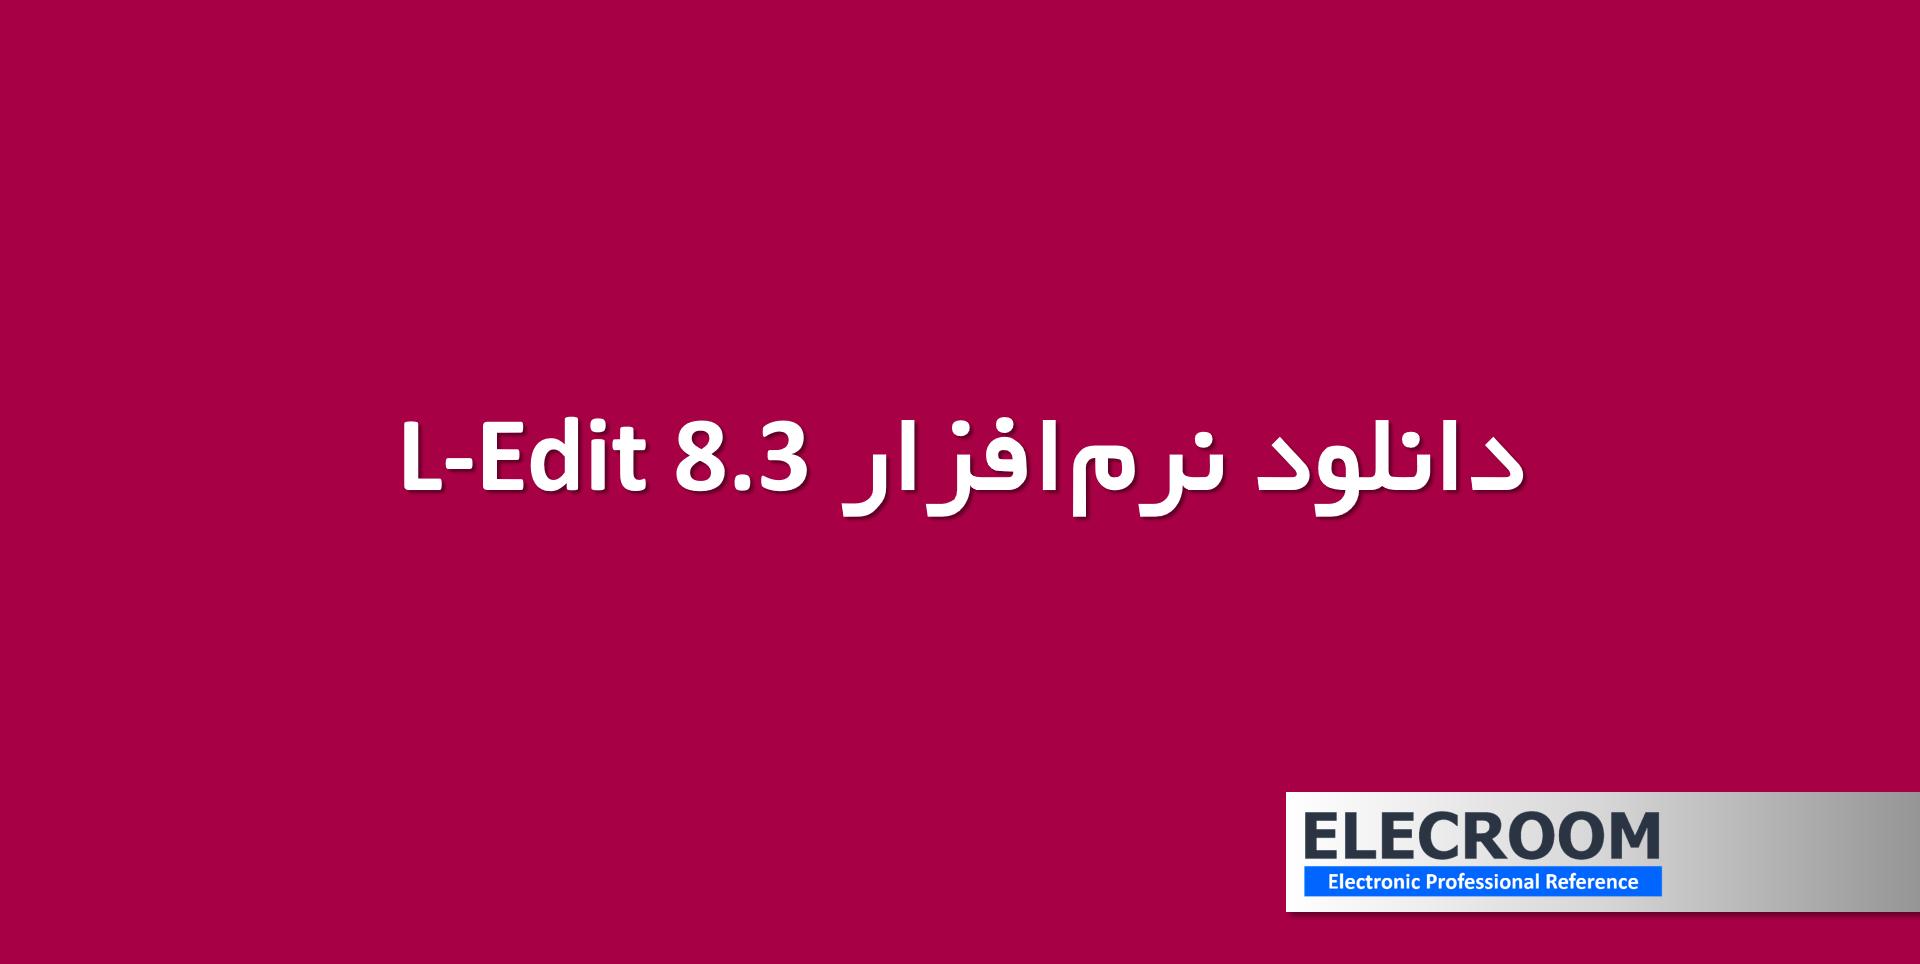 دانلود نرم افزار LEdit 8.3